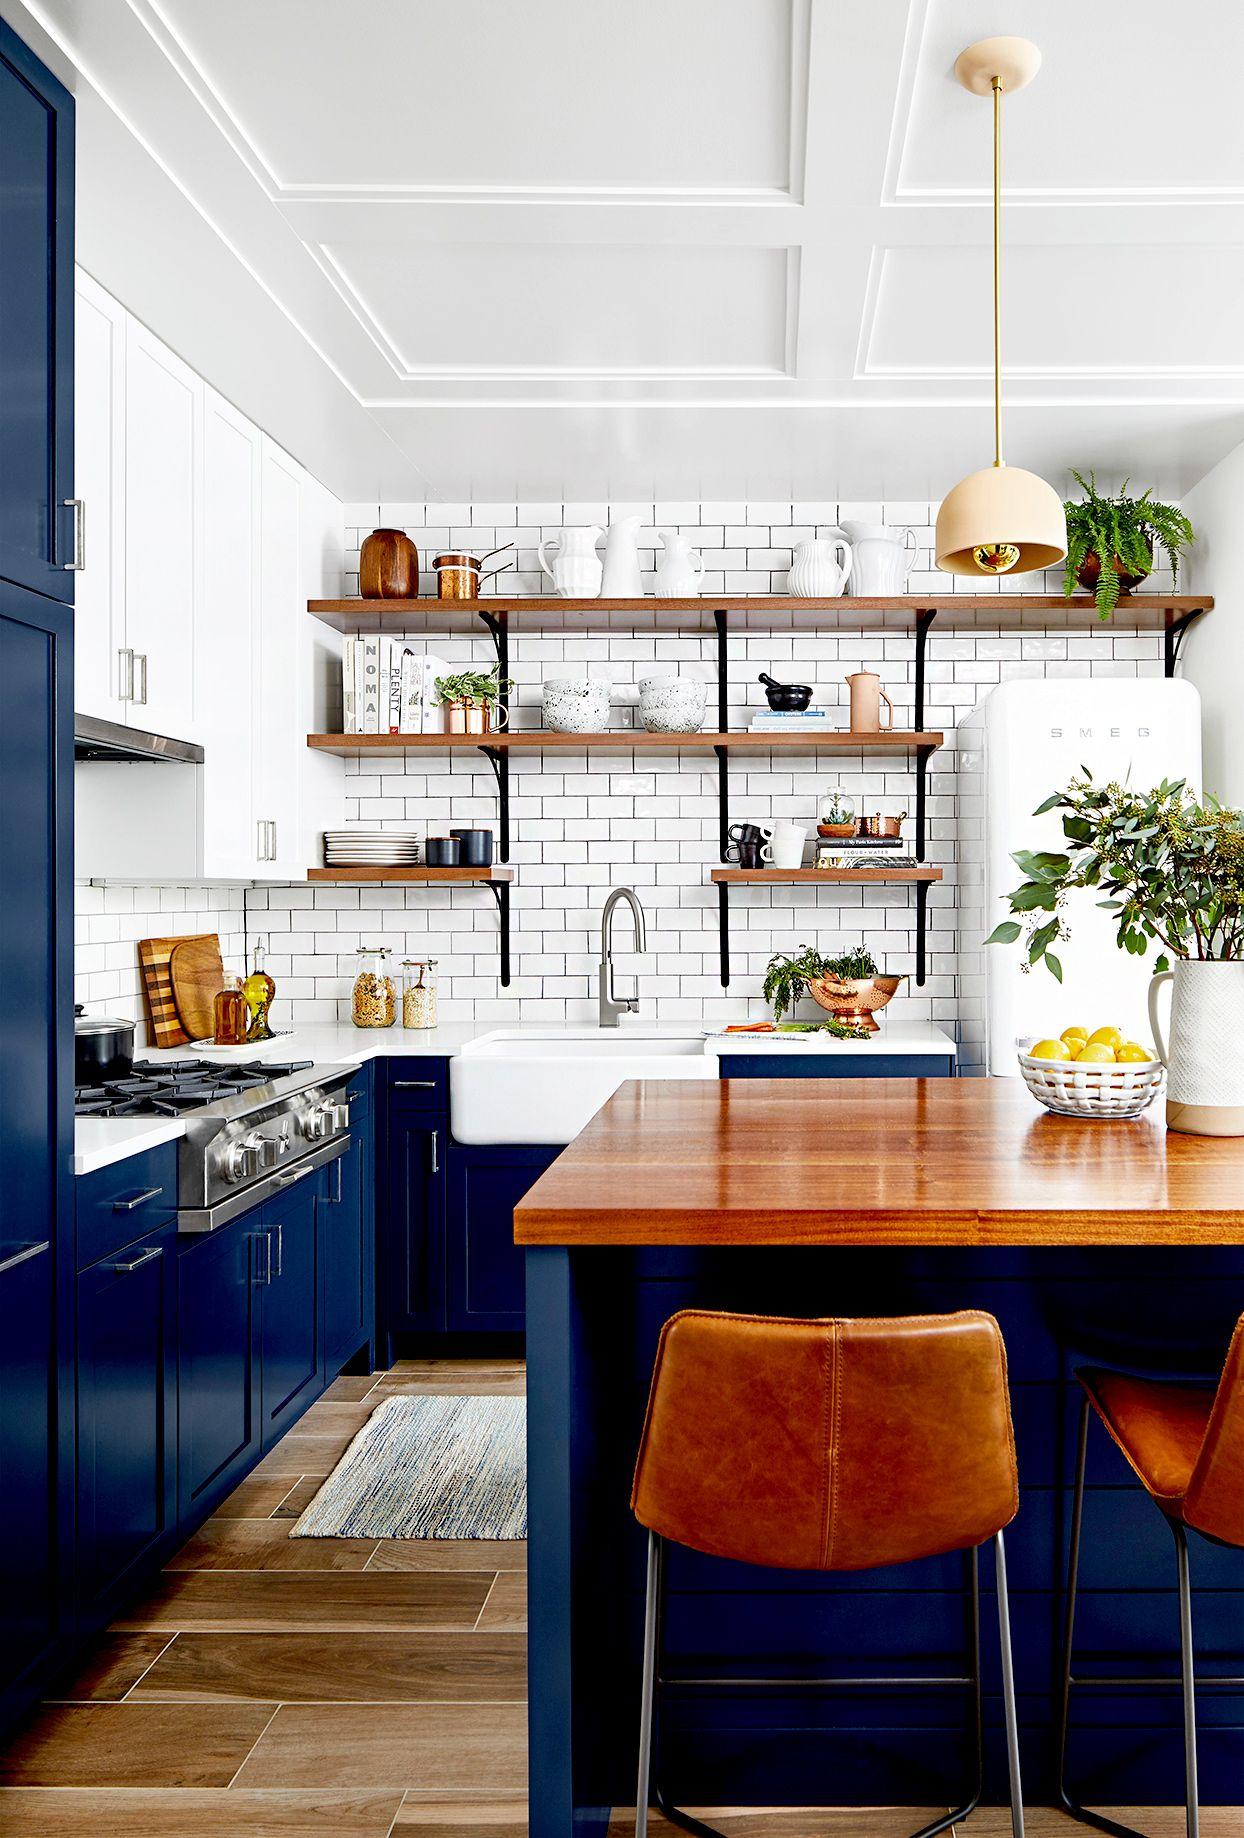 23 Farmhouse Kitchen Ideas For A Perfectly Cozy Cooking Space Farmhouse Kitchen Design Home Decor Kitchen Kitchen Design